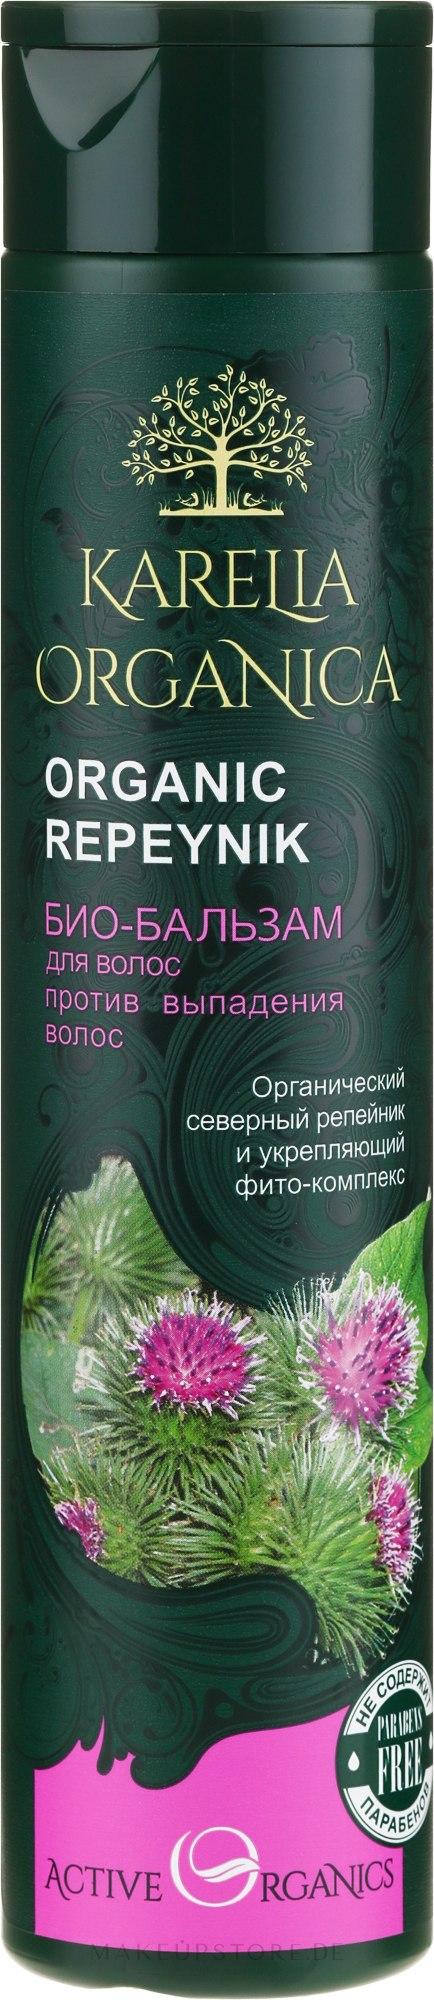 Bio Haarspülung gegen Haarausfall mit Klettenextrakt - Fratti HB Karelia Organica — Bild 310 ml